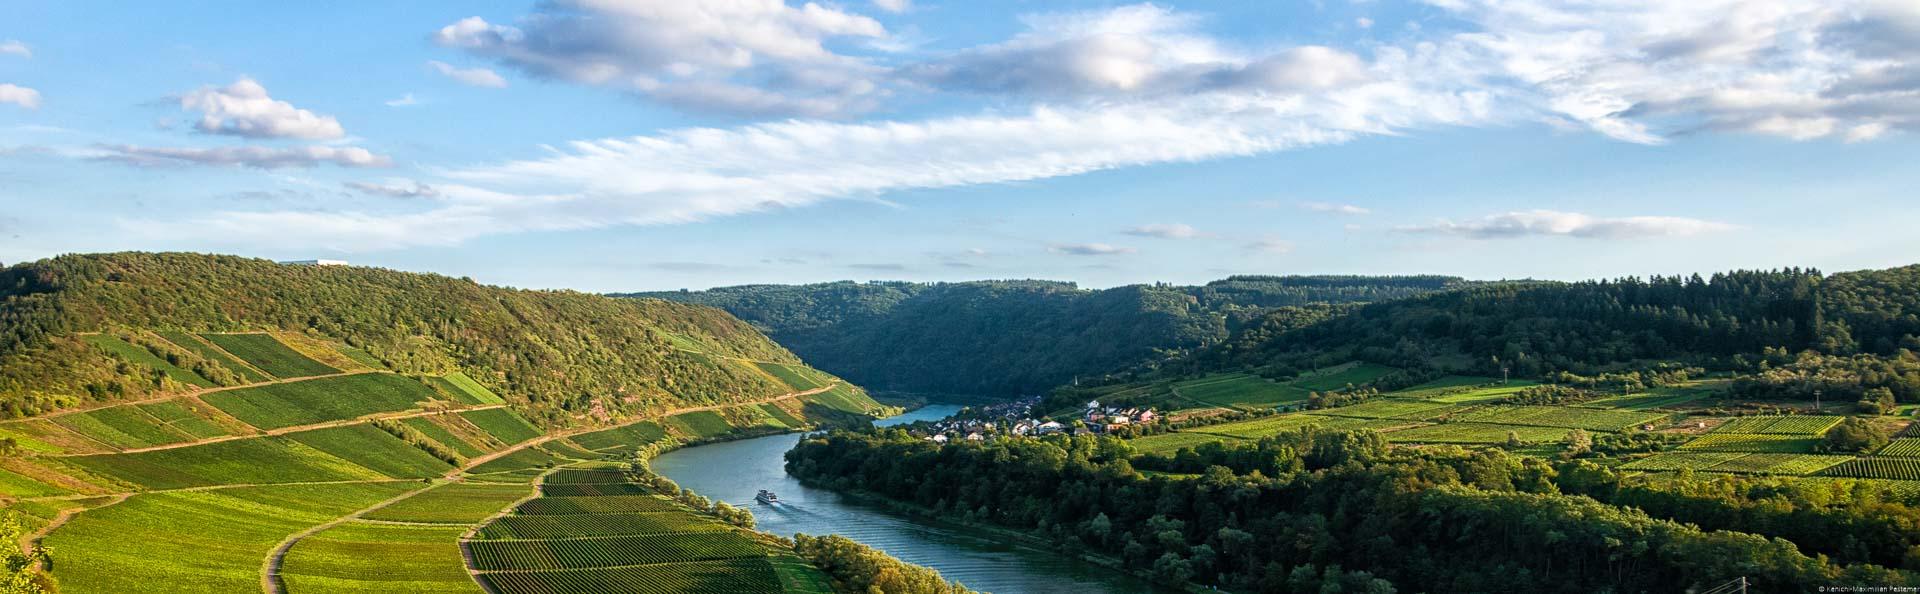 In der Mitte fließt die Mosel. Auf beiden Seiten des Flusses befinden sich Weinberge u.a. das Briedeler Herzchen. Im Hintergrund befindet sich der Ort Briedel.